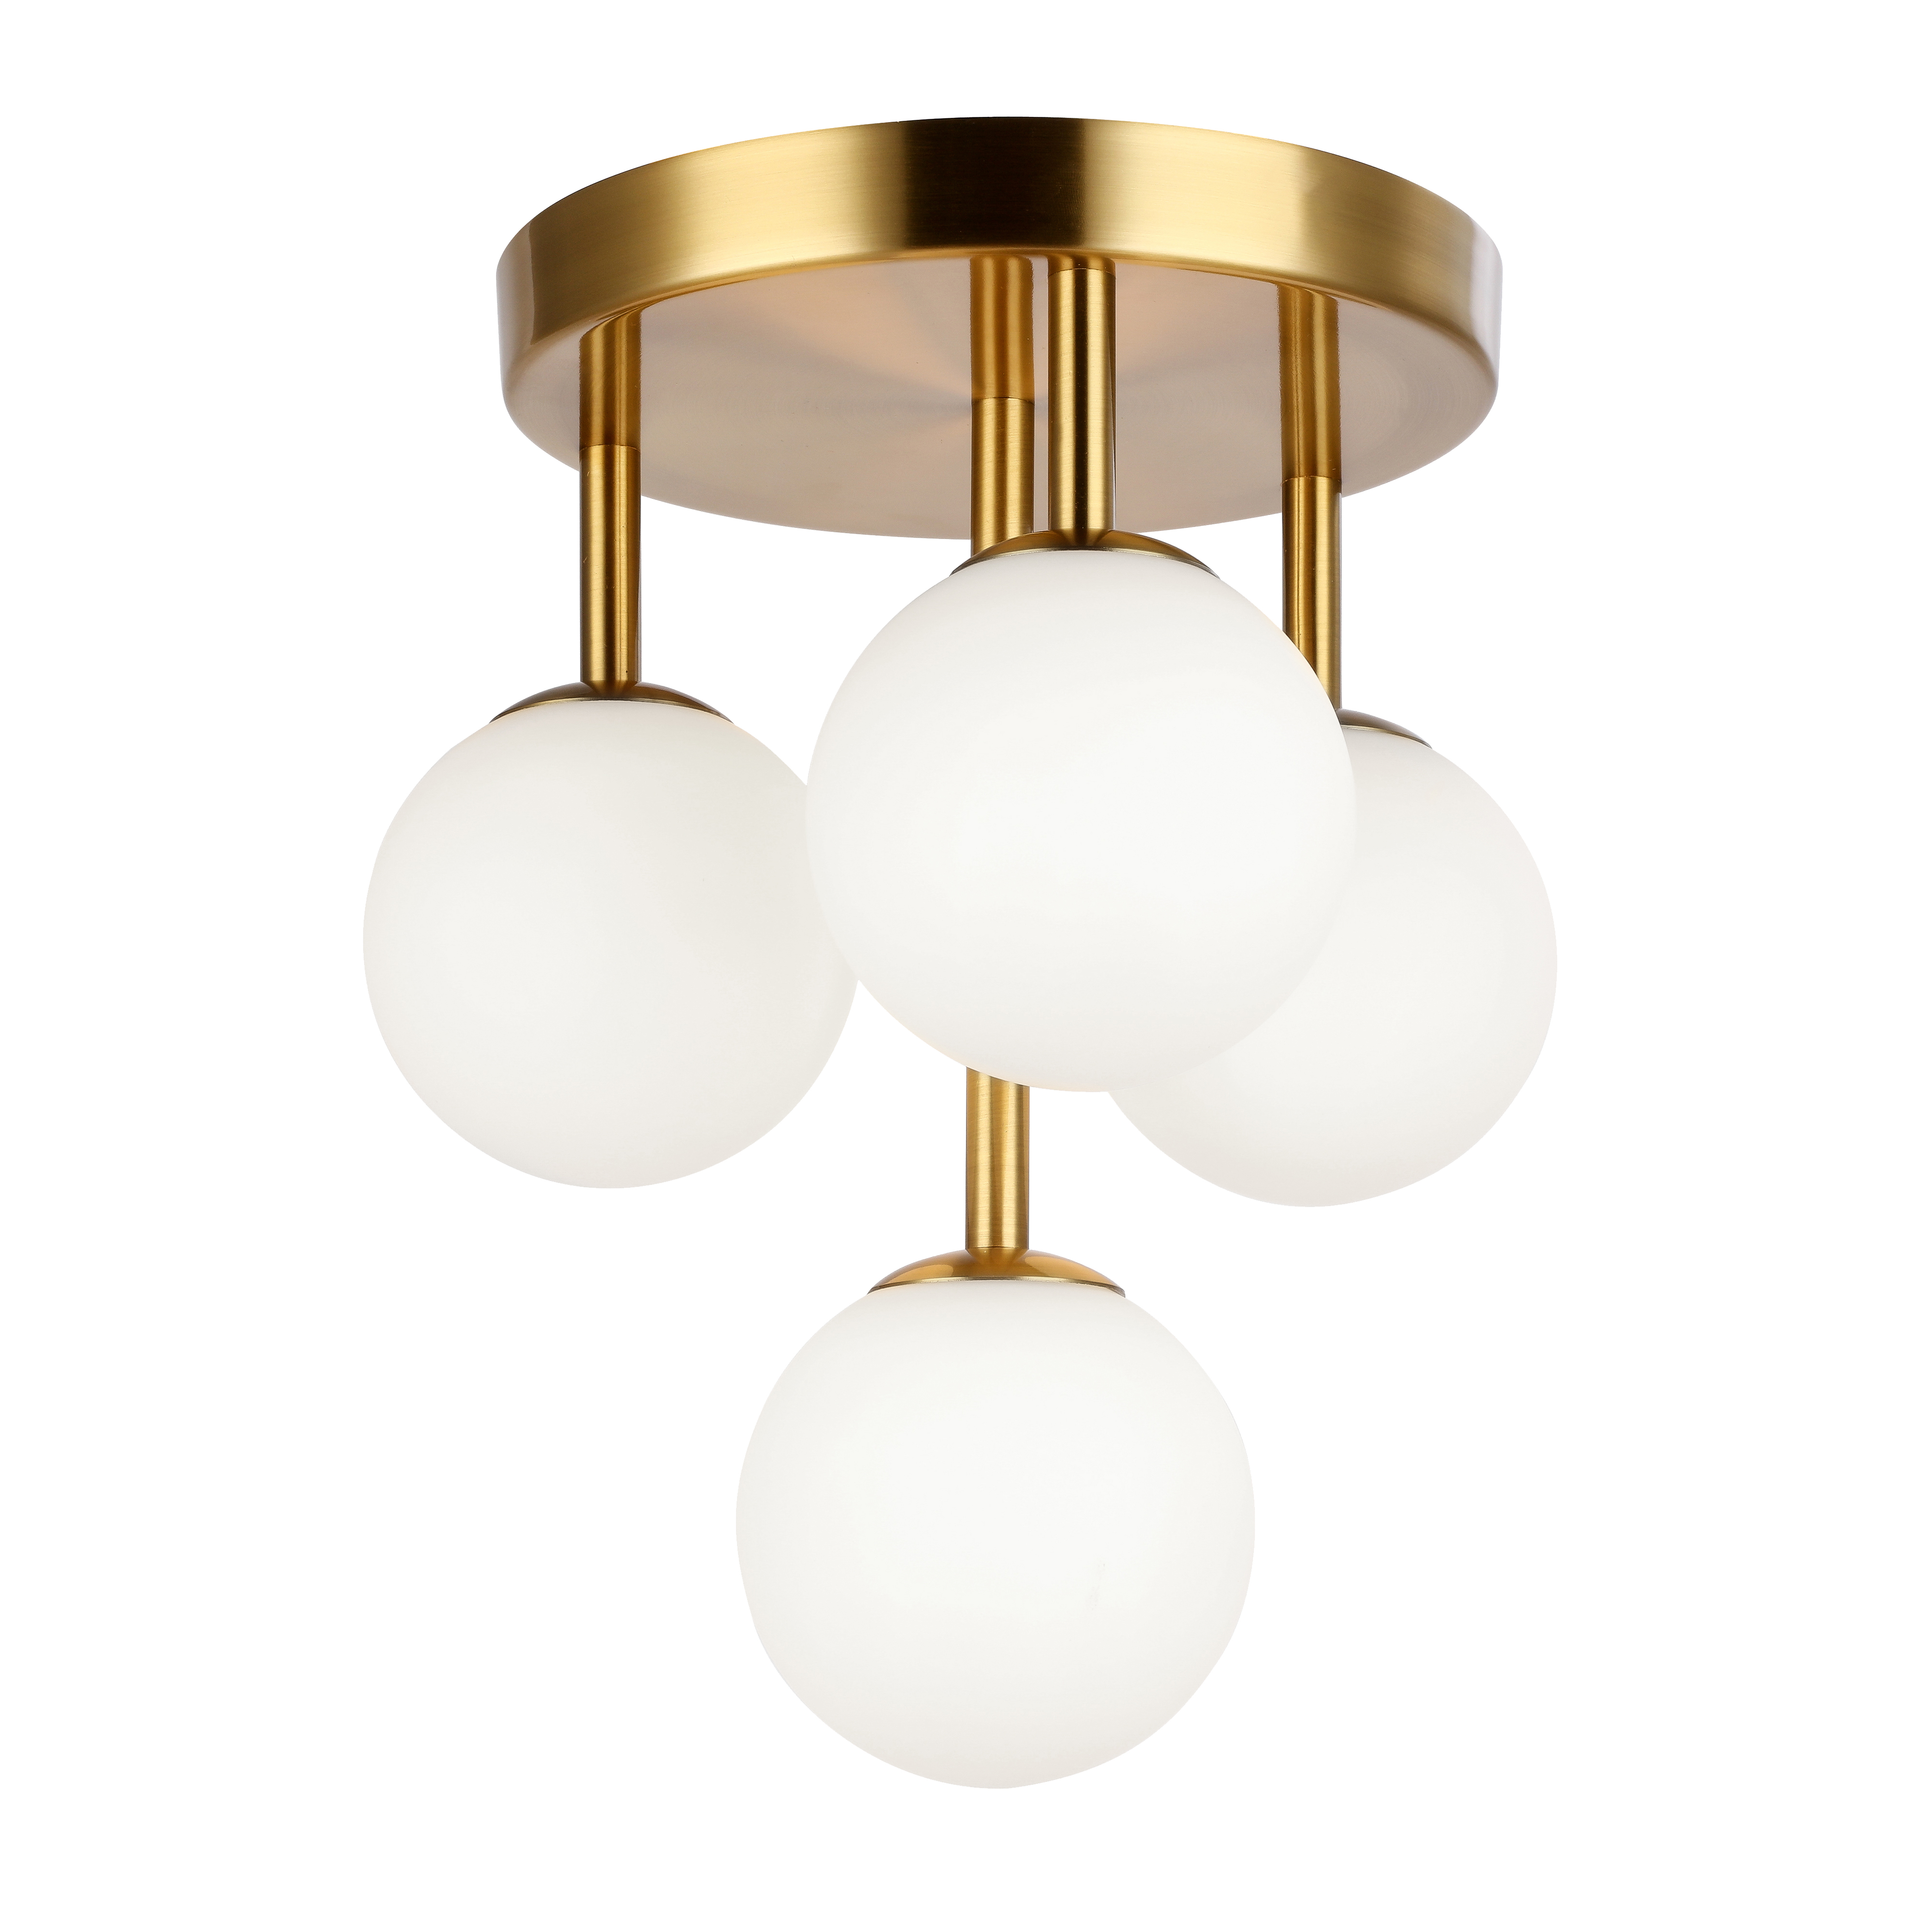 4 Light Halogen Flush Mount, Aged Brass w/Opal Glass